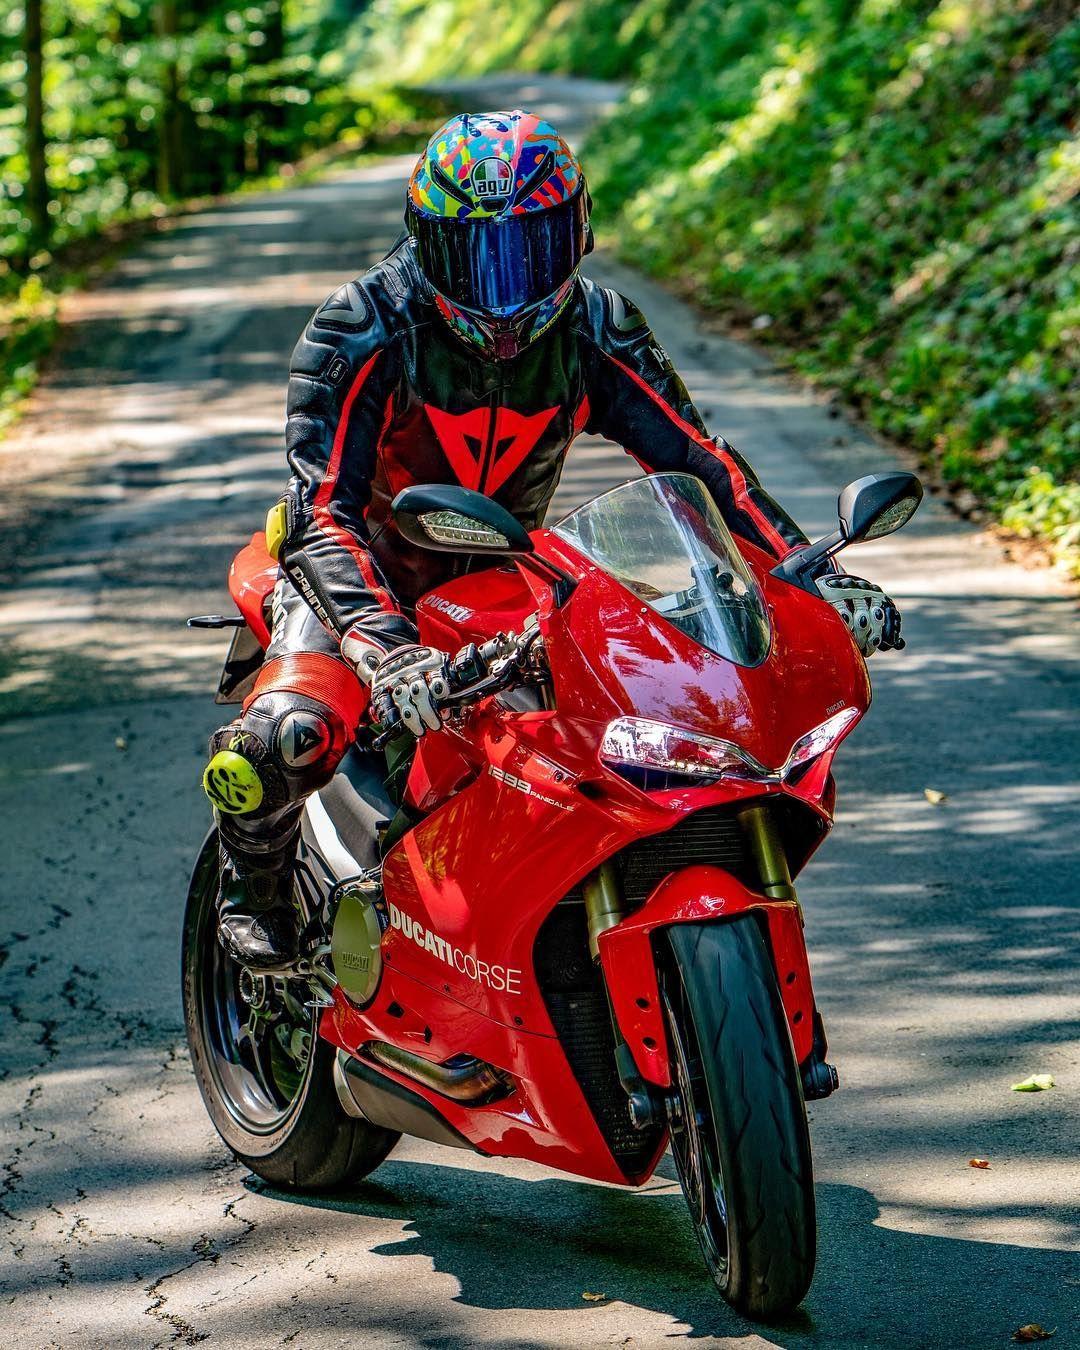 Two Wheels Motor Racing